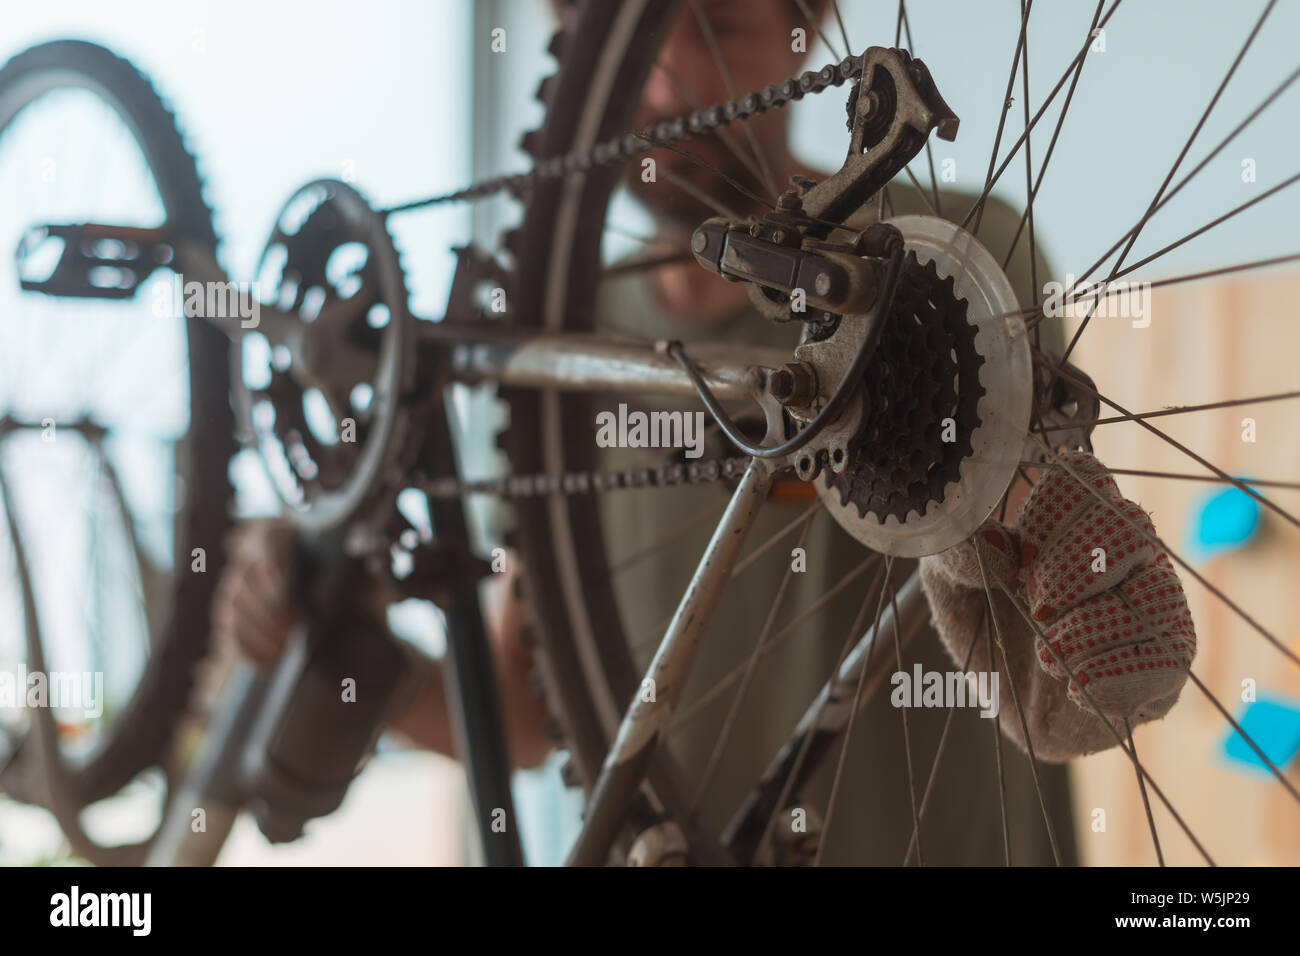 La réparation de l'homme vieux hardtail vtt en atelier, selective focus Banque D'Images